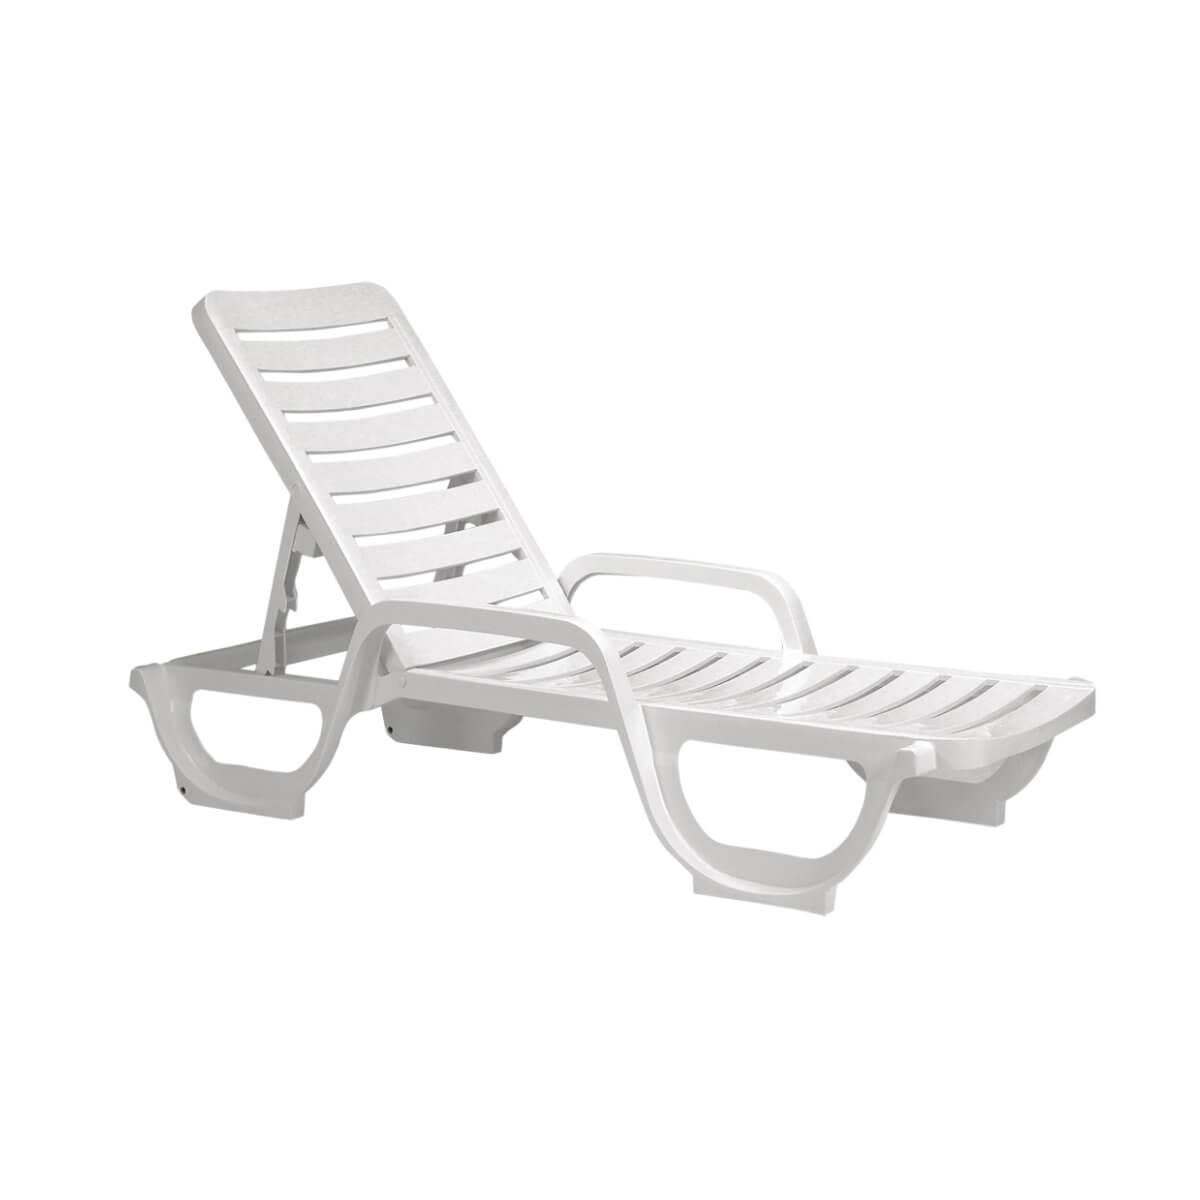 White Bahia Plastic Resin Chaise Lounge 30 Lbs Pool